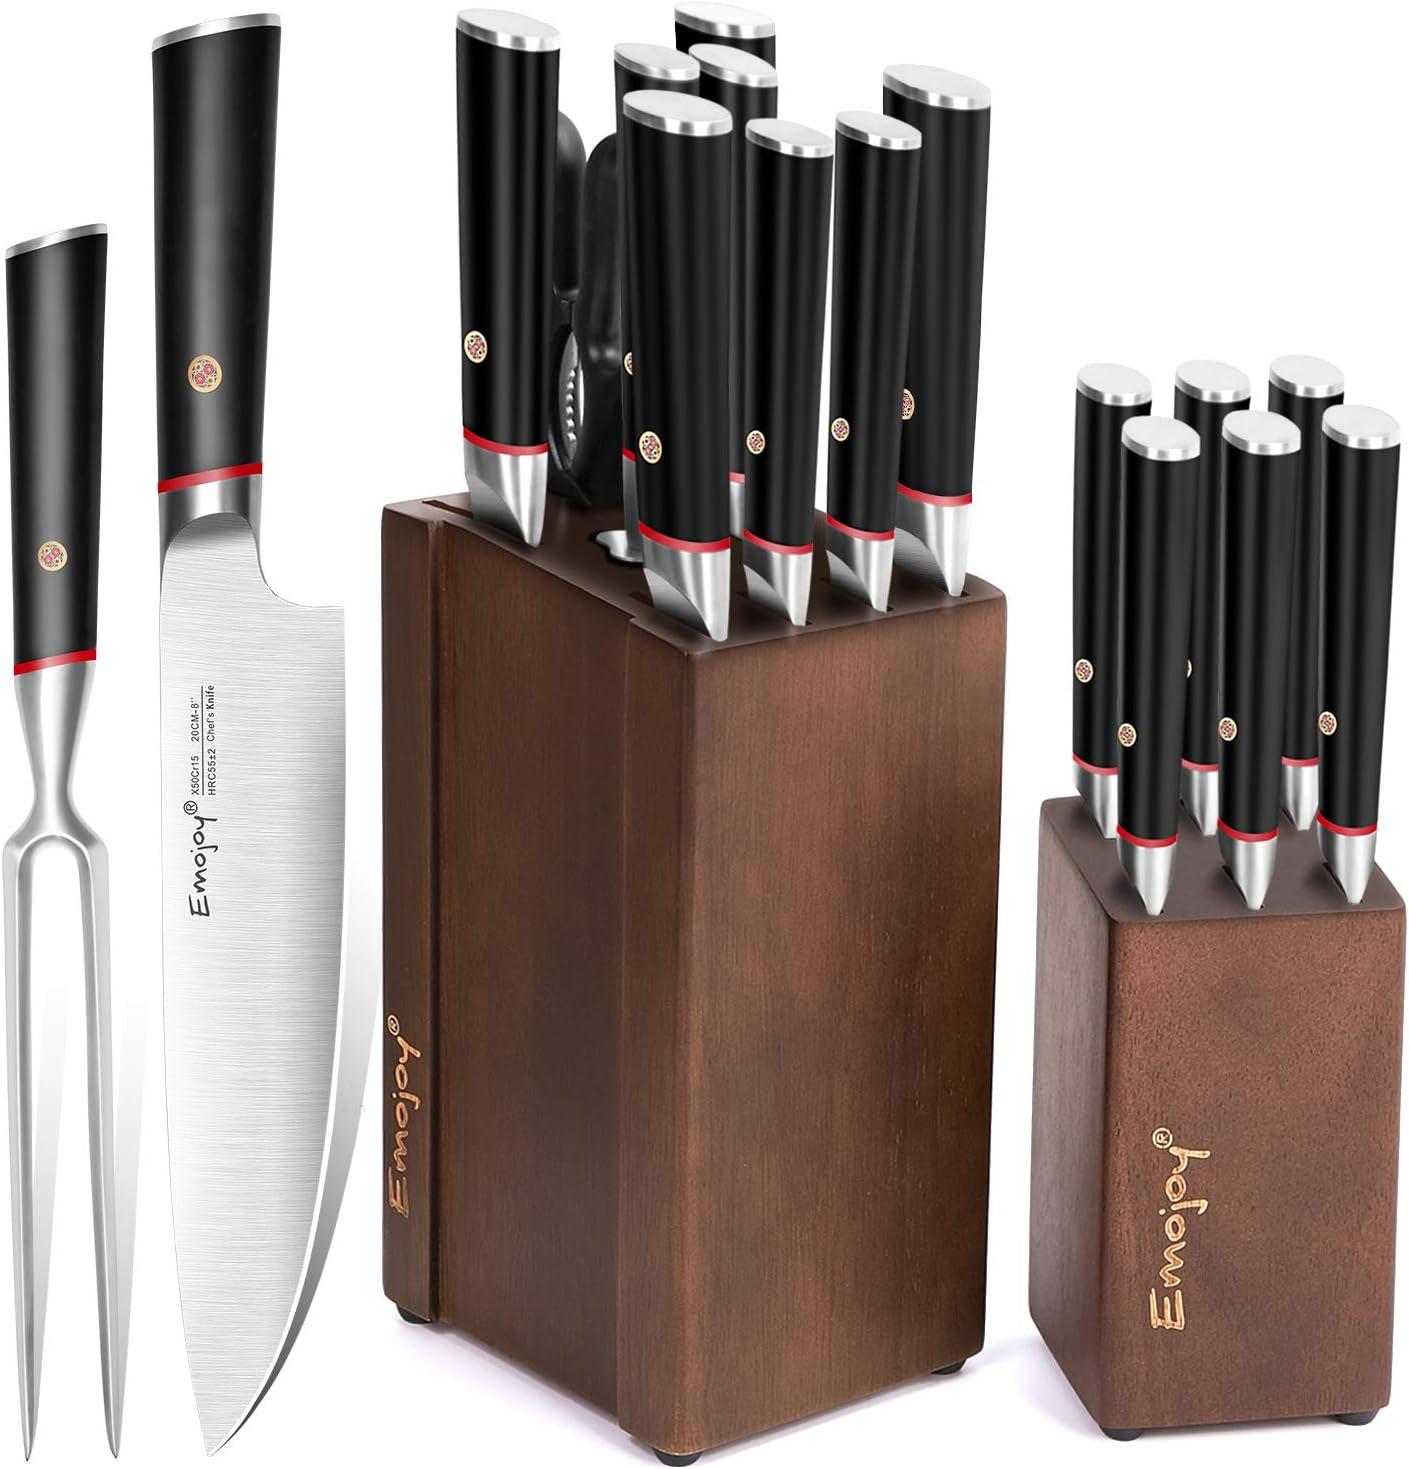 Kitchen Knife Set with Craving Fork. Buy kitchen knife set online under $100